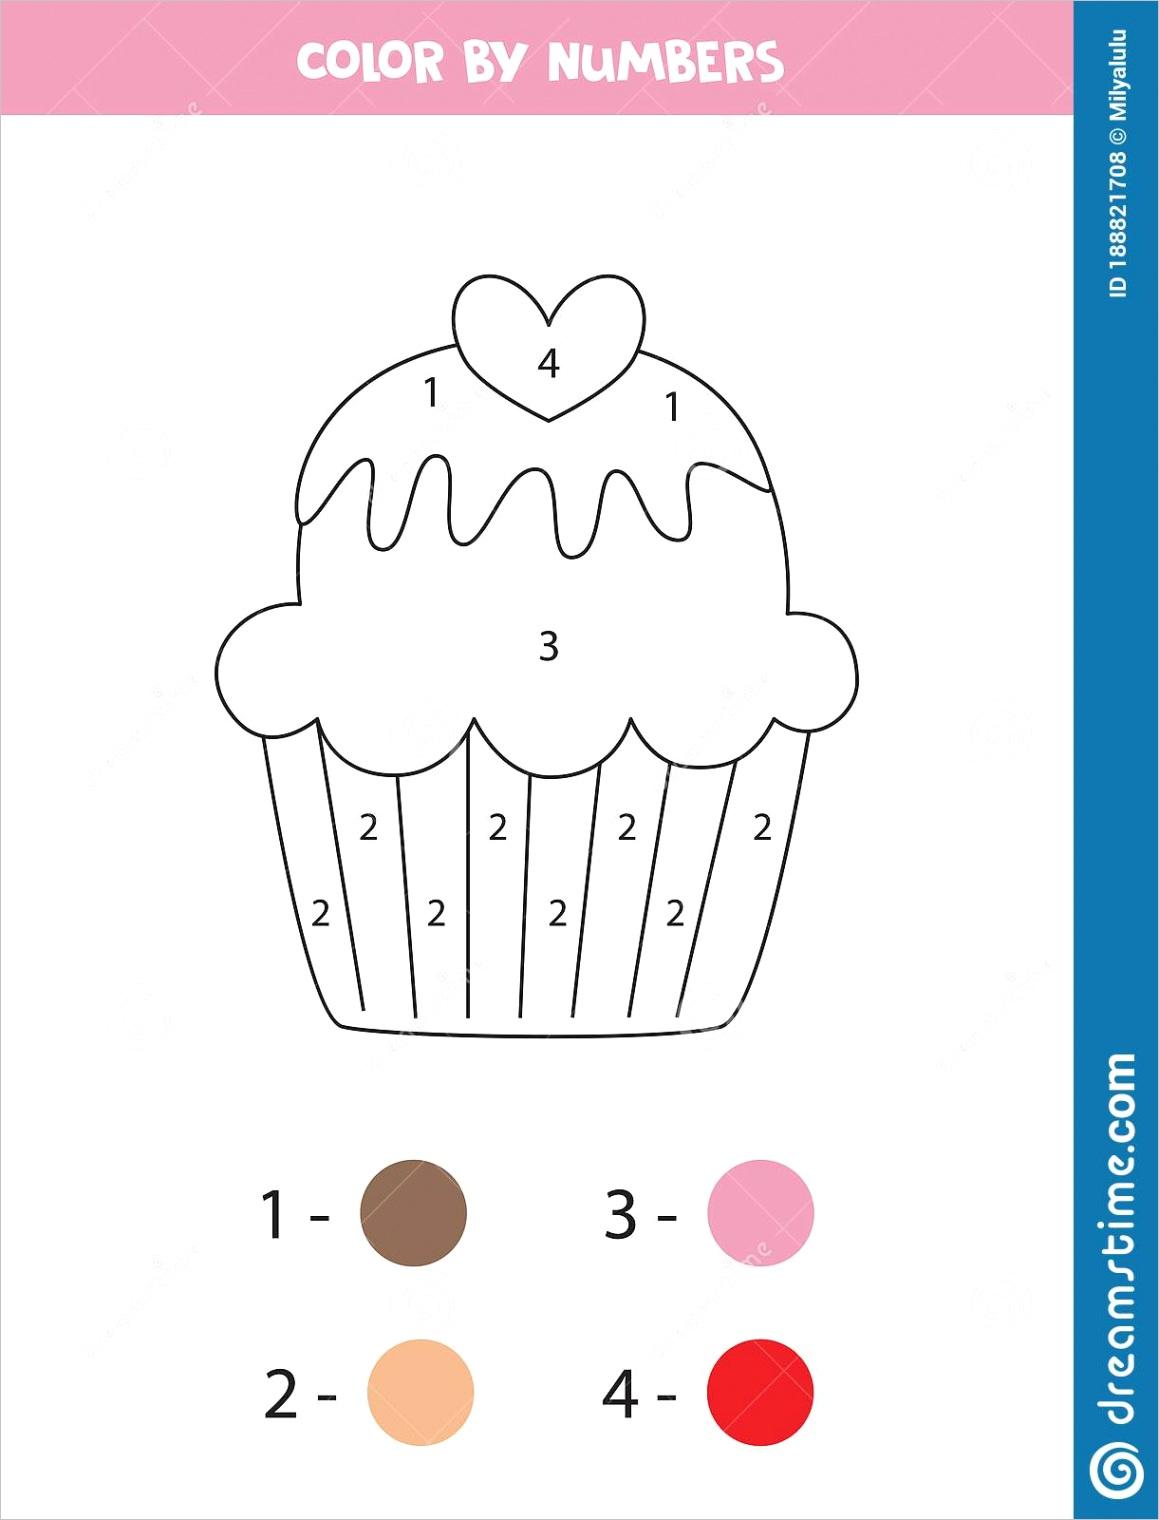 coloring page kids cute cartoon cupcake color numbers preschoolers educational math game printable worksheet image